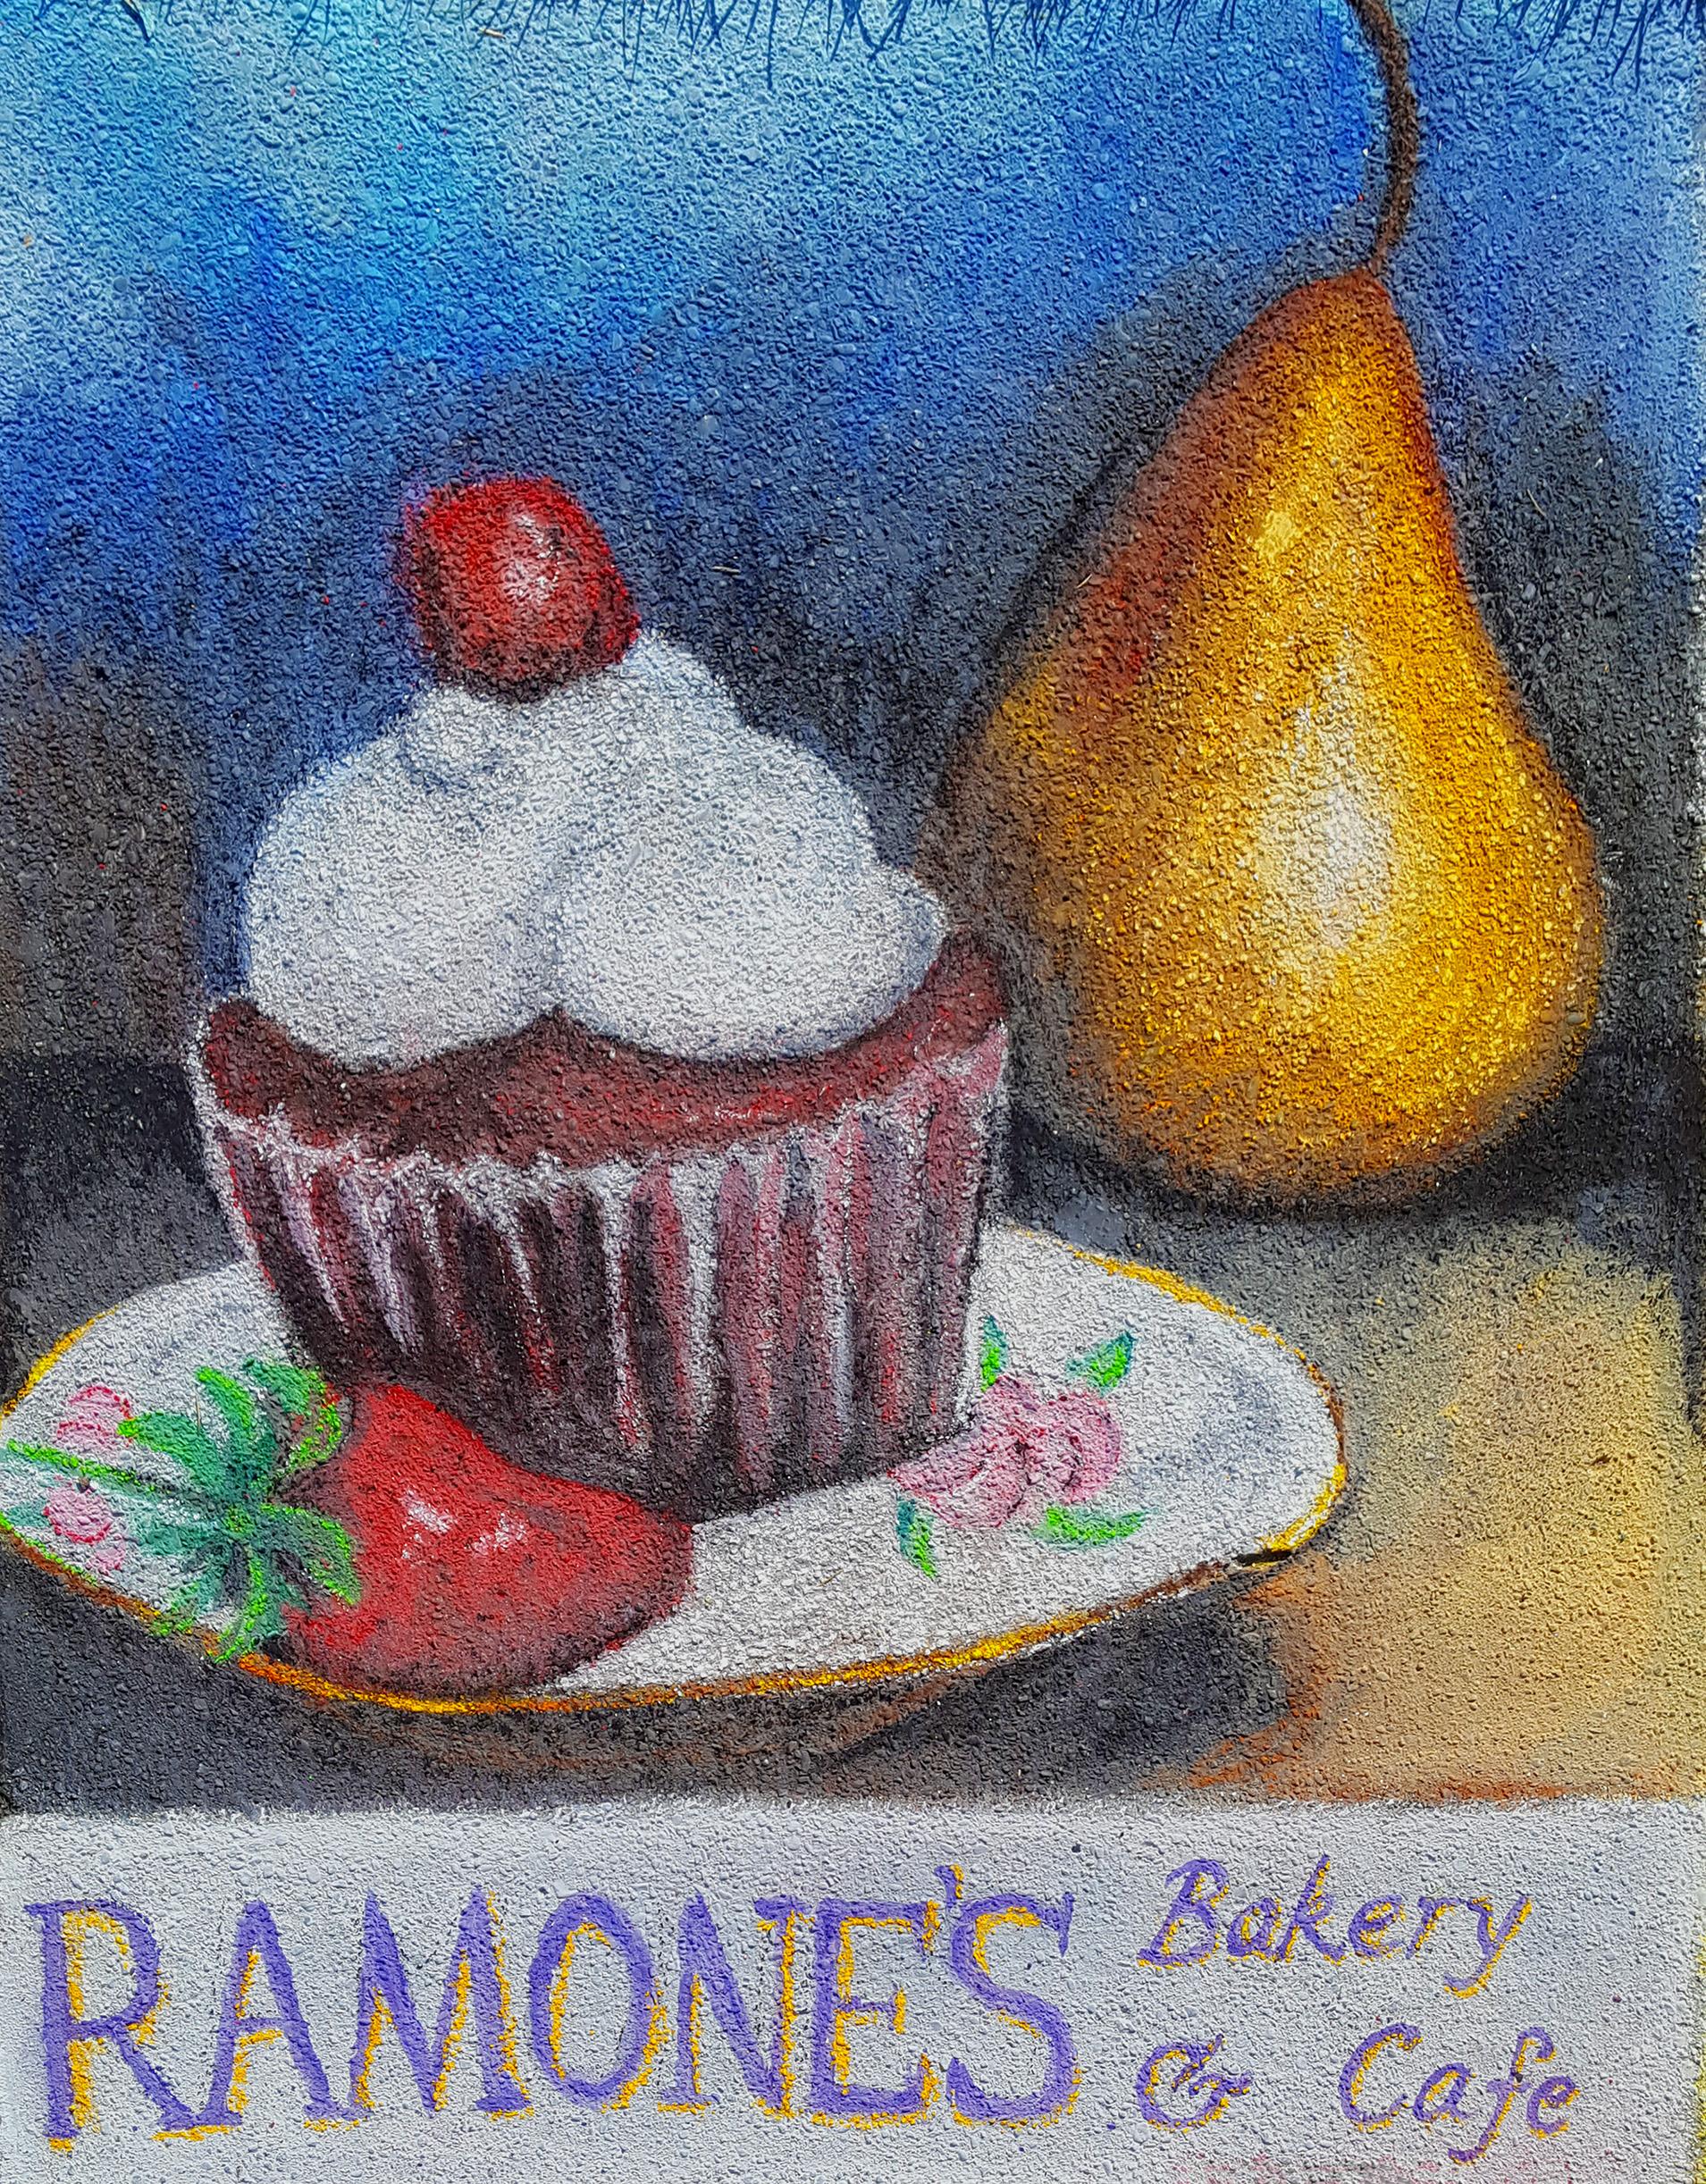 Ramones pastel